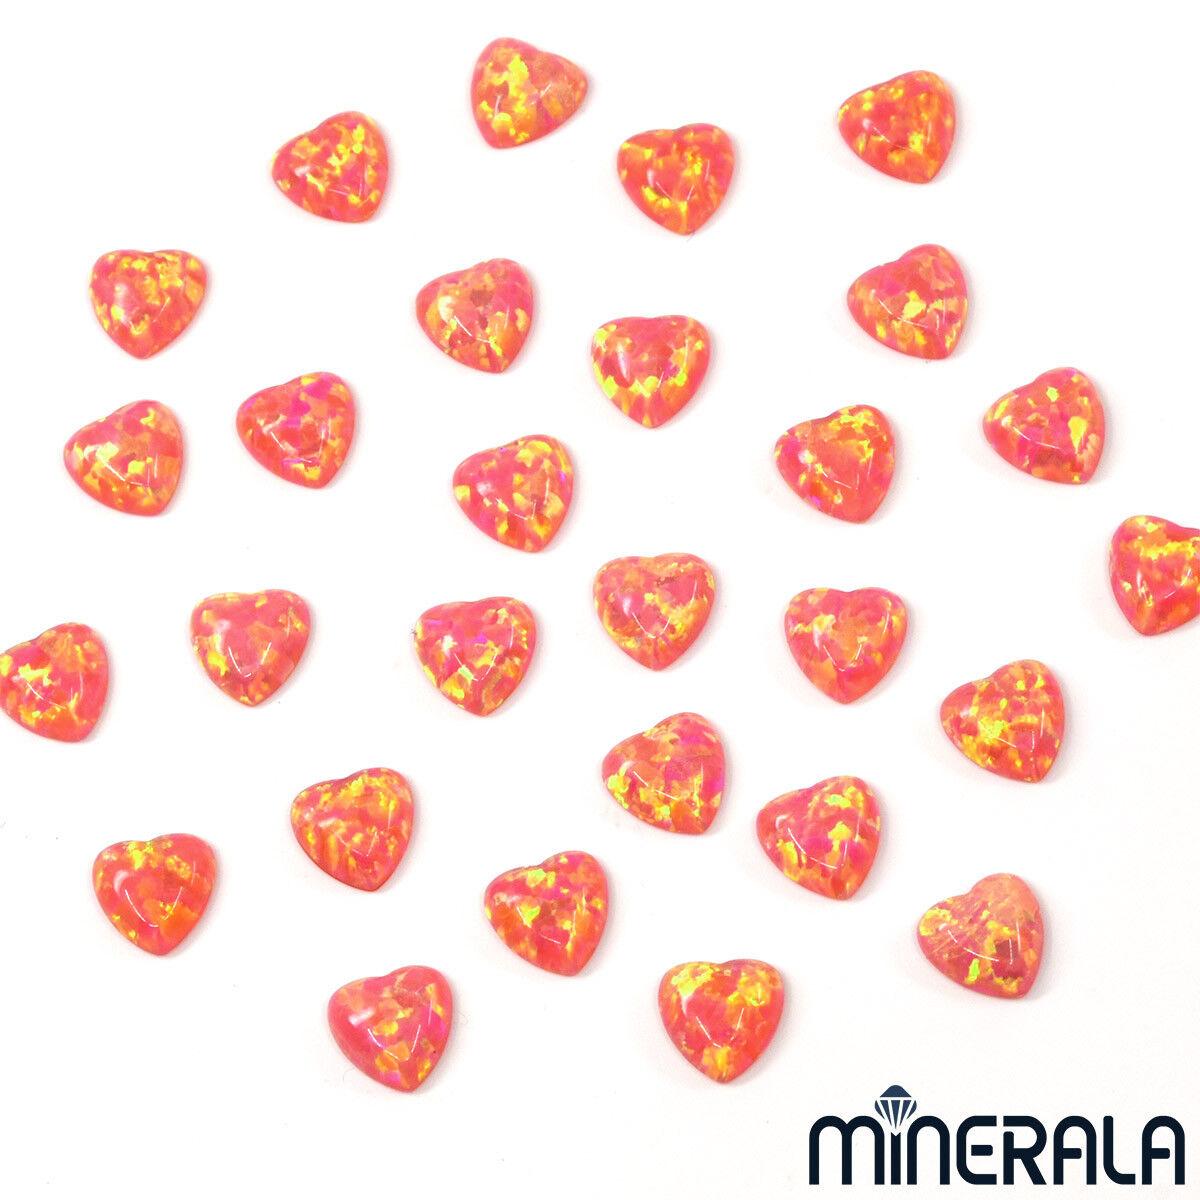 [Mayorista] Sintético Creado en Laboratorio Ópalo Rosa Coral Forma Corazón 6mm